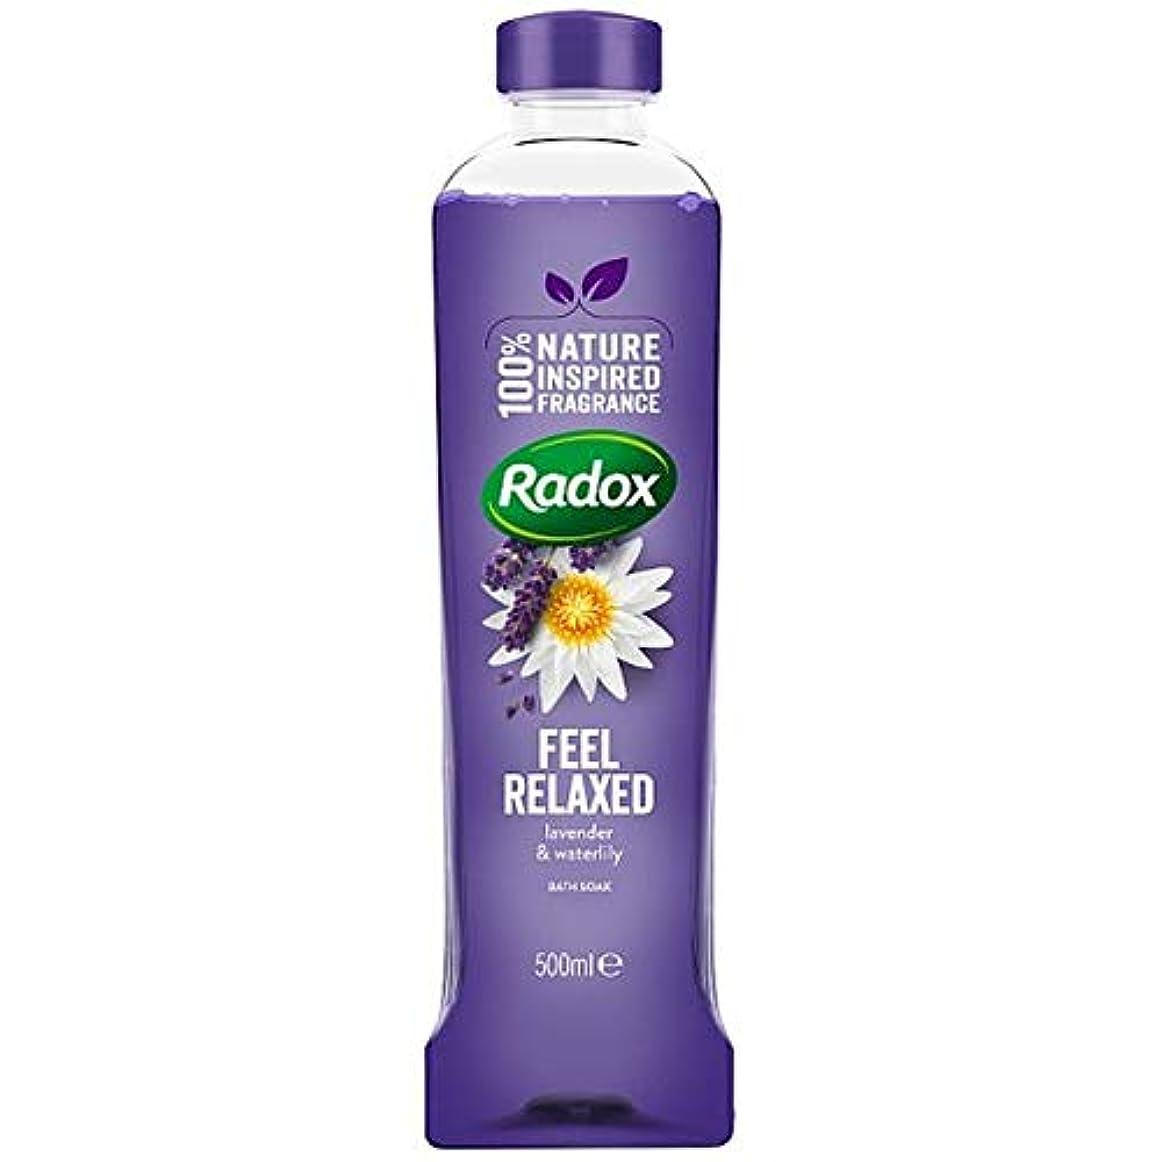 アンカーデザイナー異常な[Radox] Radoxは、500ミリリットルのソークリラックスしたお風呂を感じます - Radox Feel Relaxed Bath Soak 500Ml [並行輸入品]